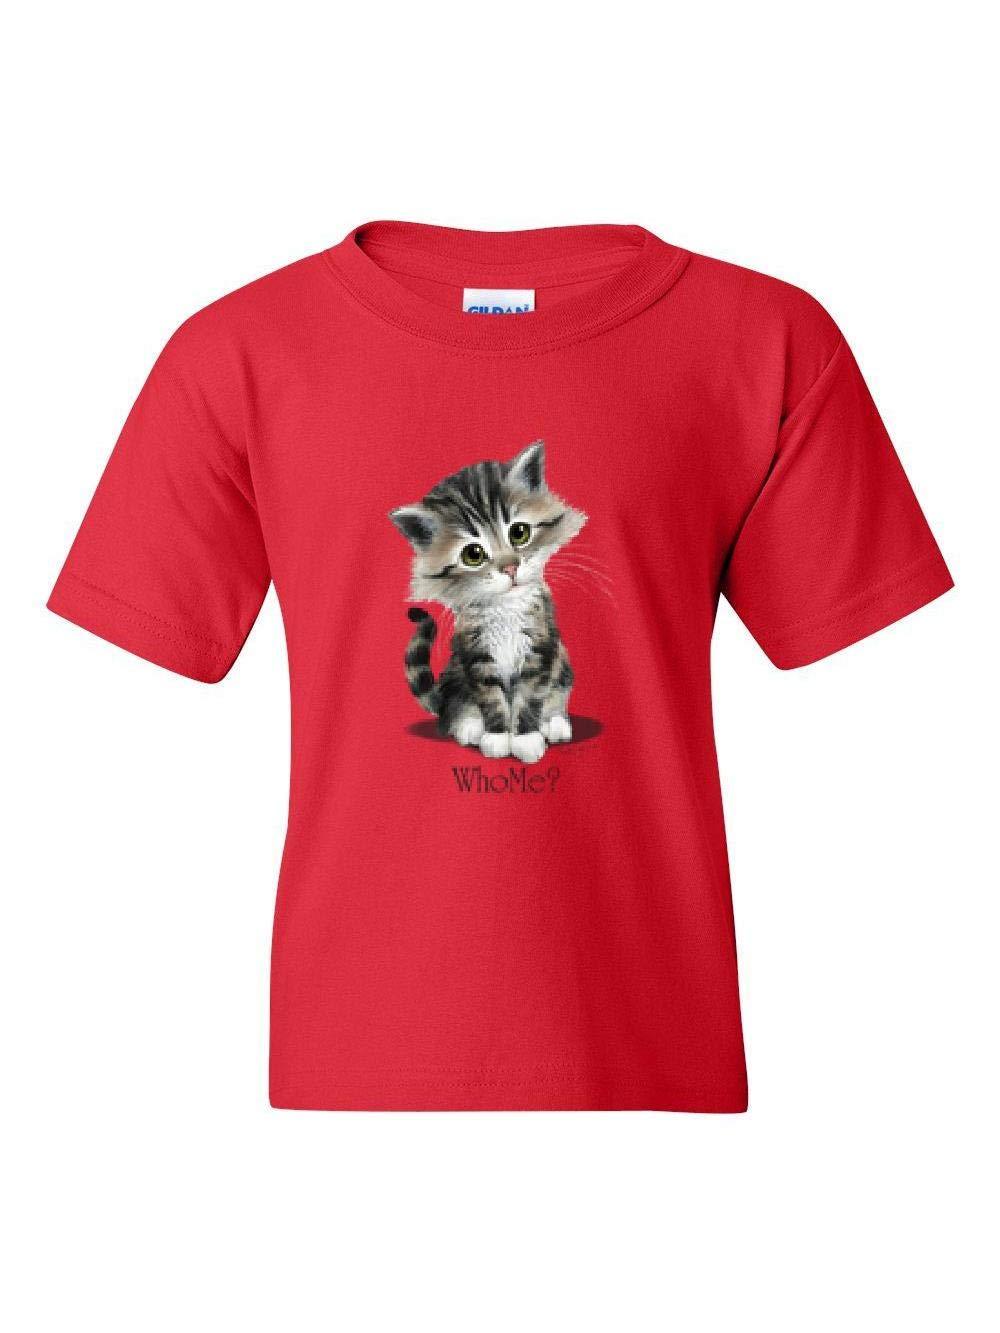 Who Me Kitten Funny Cat Lovers Gift Unisex T Shirt 6994